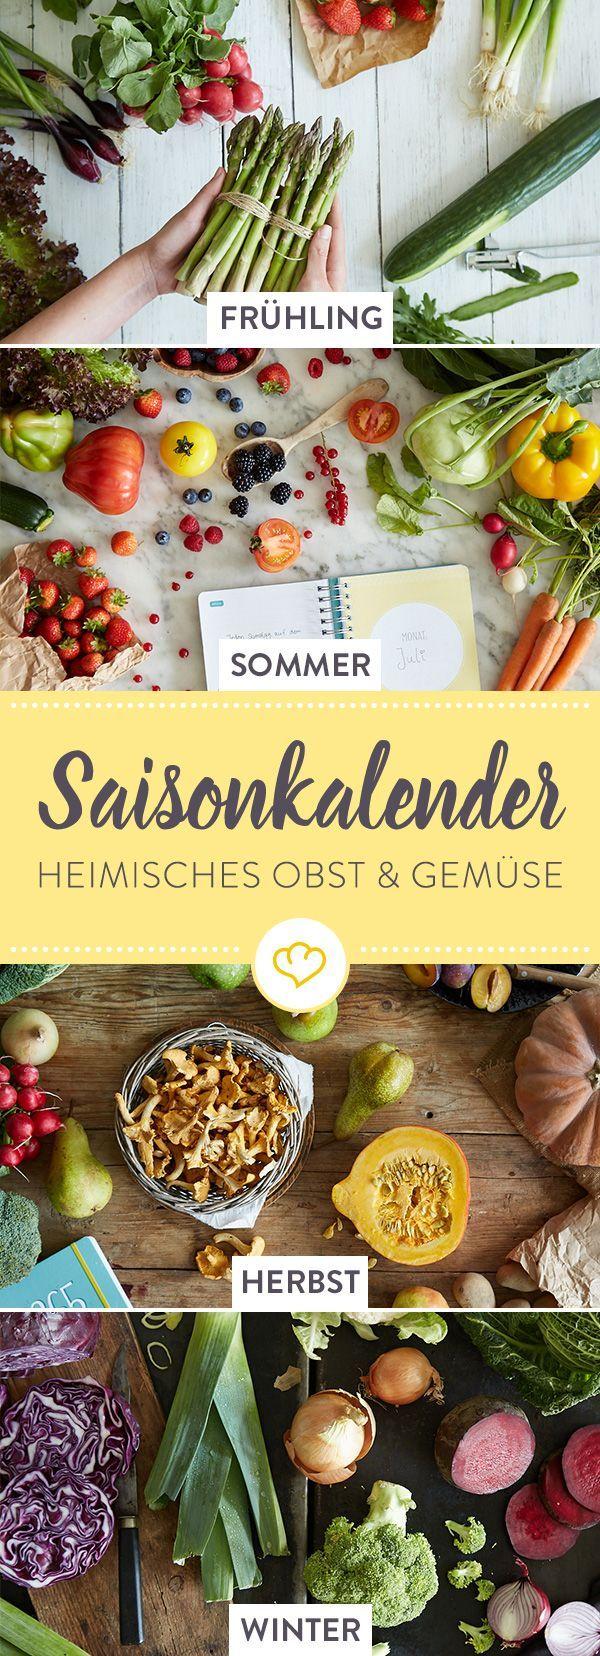 Essen im Einklang mit der Natur! In unserem Saisonkalender erfährst du, wann welche Obst- und Gemüsesorten in Deutschland Saison haben.